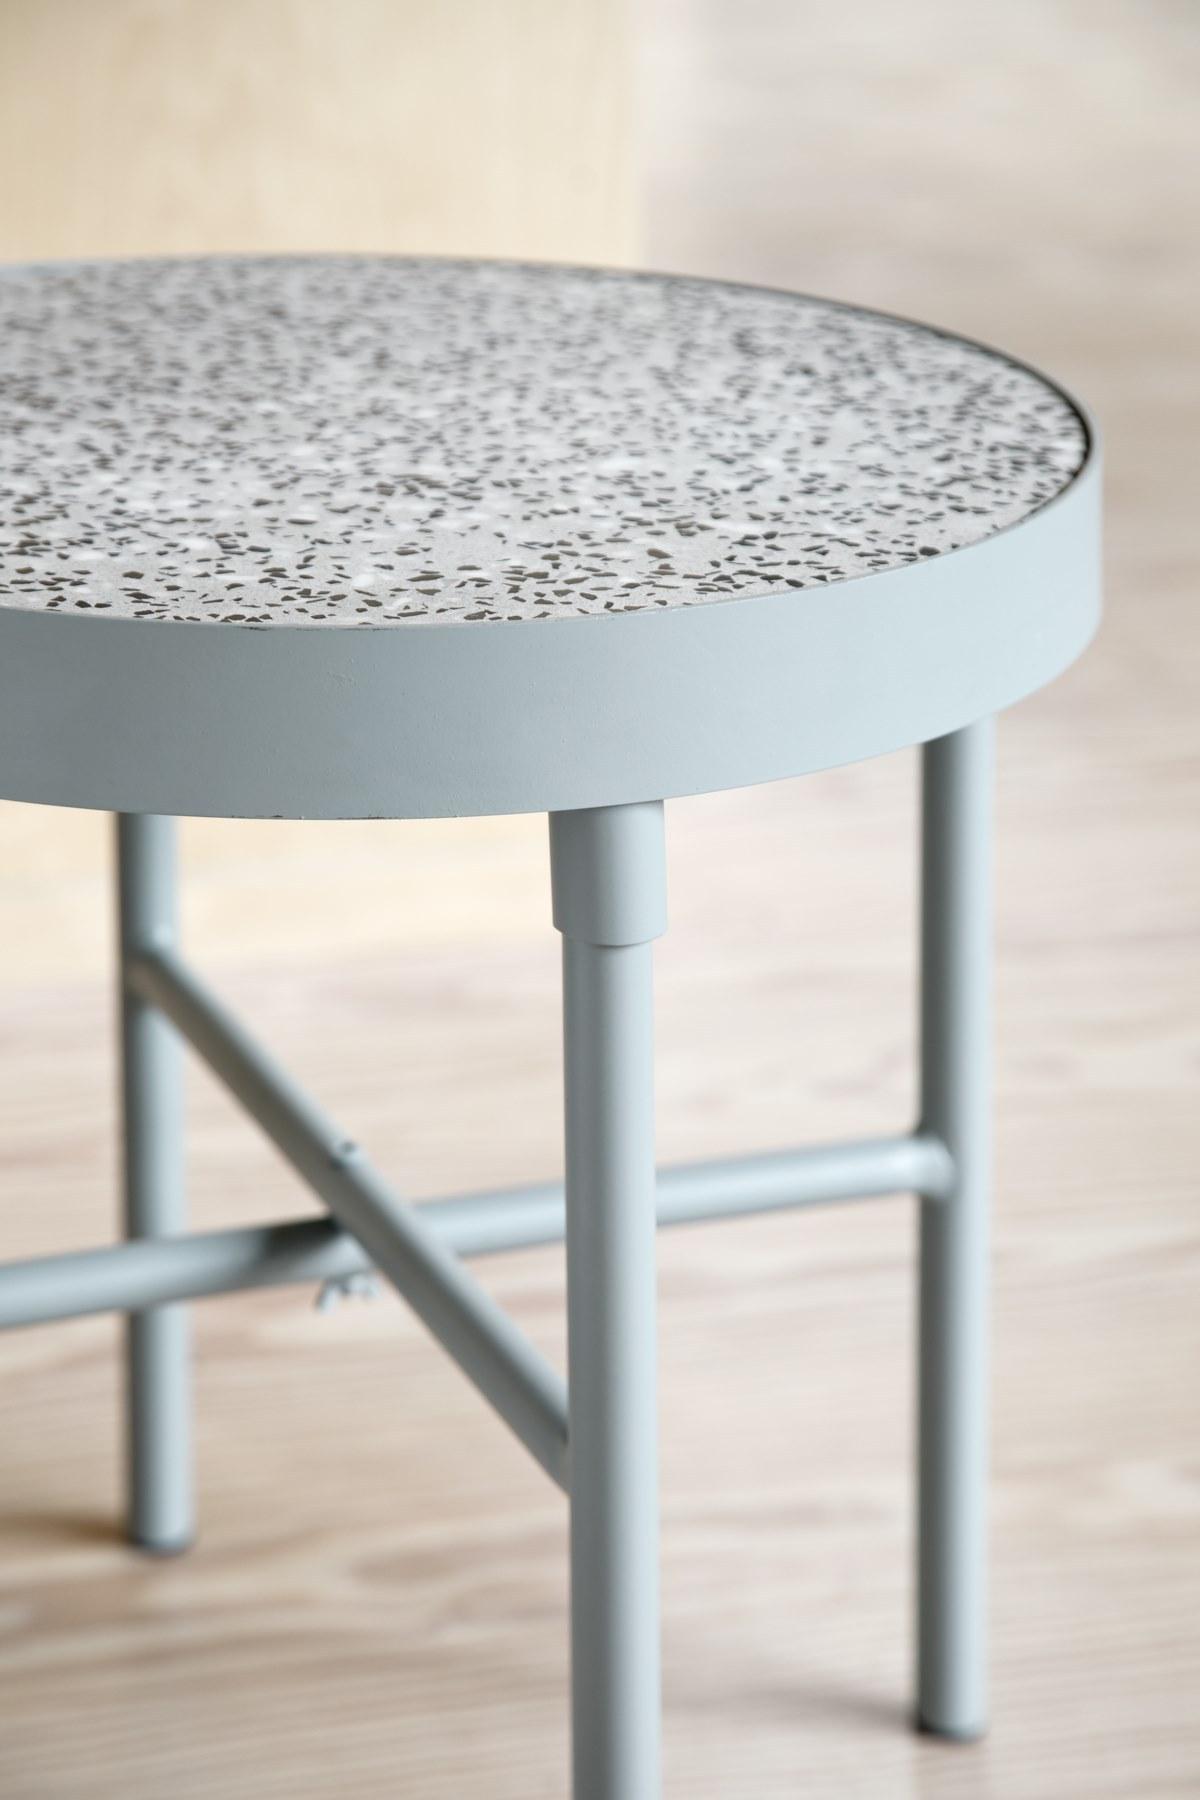 Table basse scandinave sostrene grene